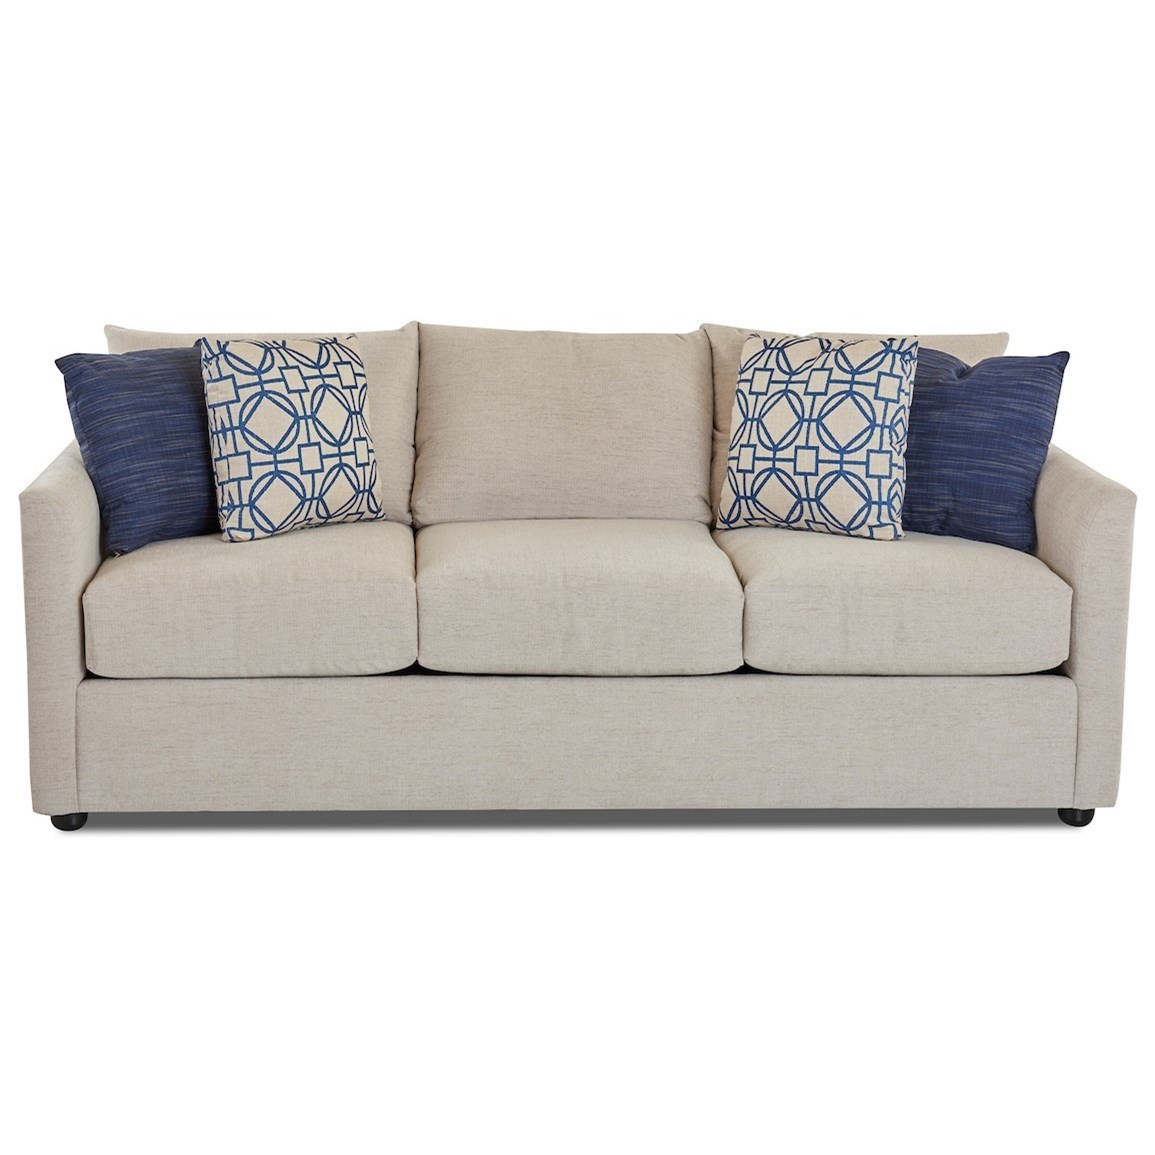 Atlanta Sleeper Sofa w/ AirCoil Mattress by Klaussner at Northeast Factory Direct